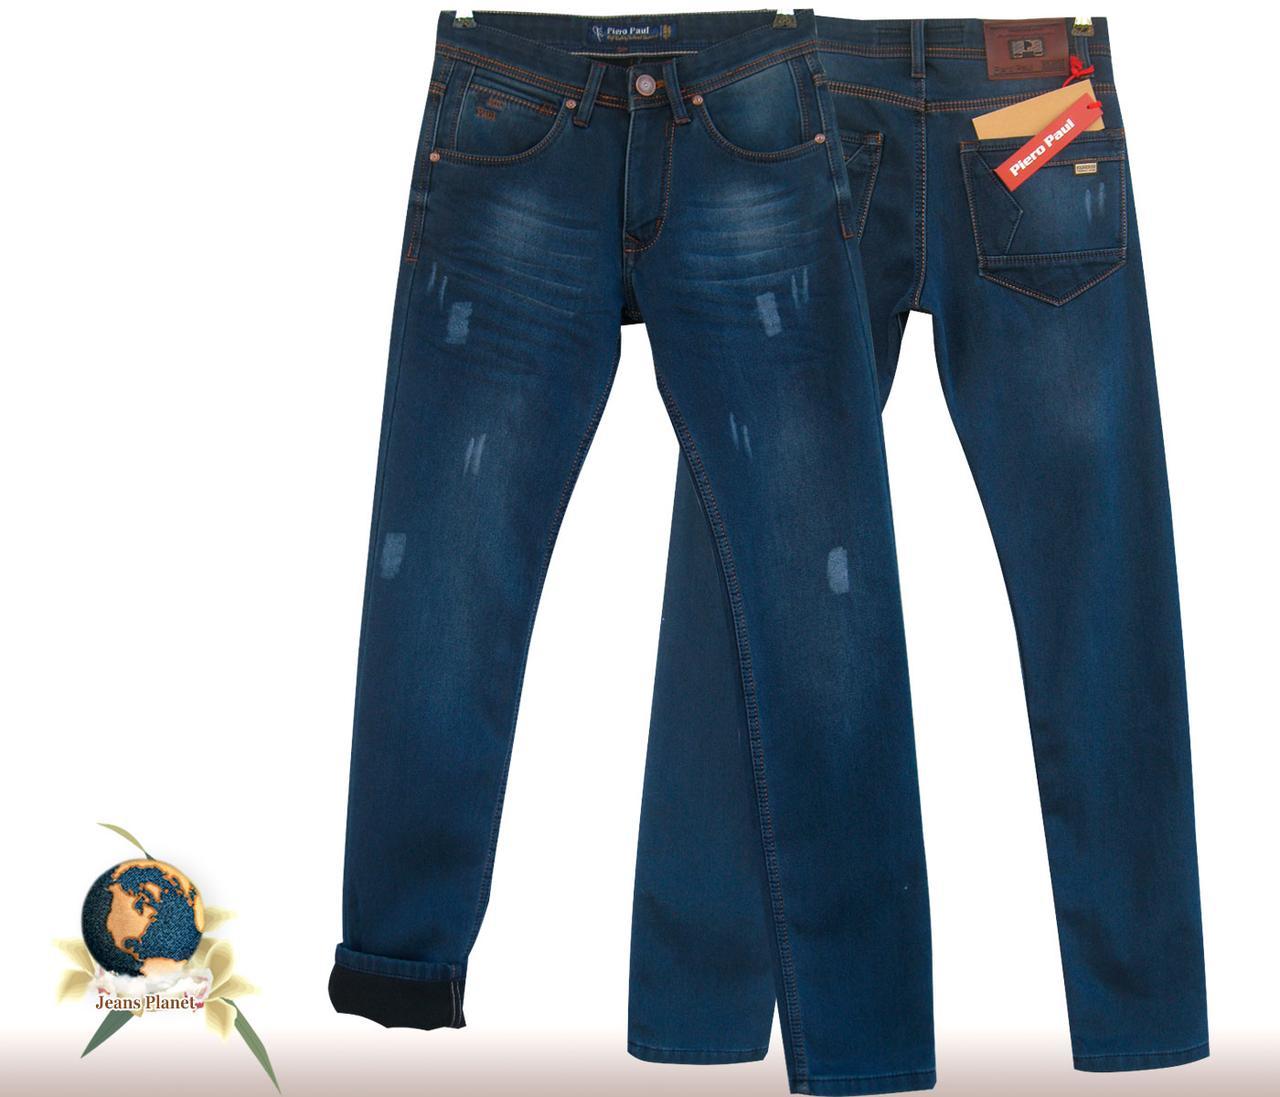 Джинсы мужские утеплённые зауженные Piero Paul потёртости 29 размер